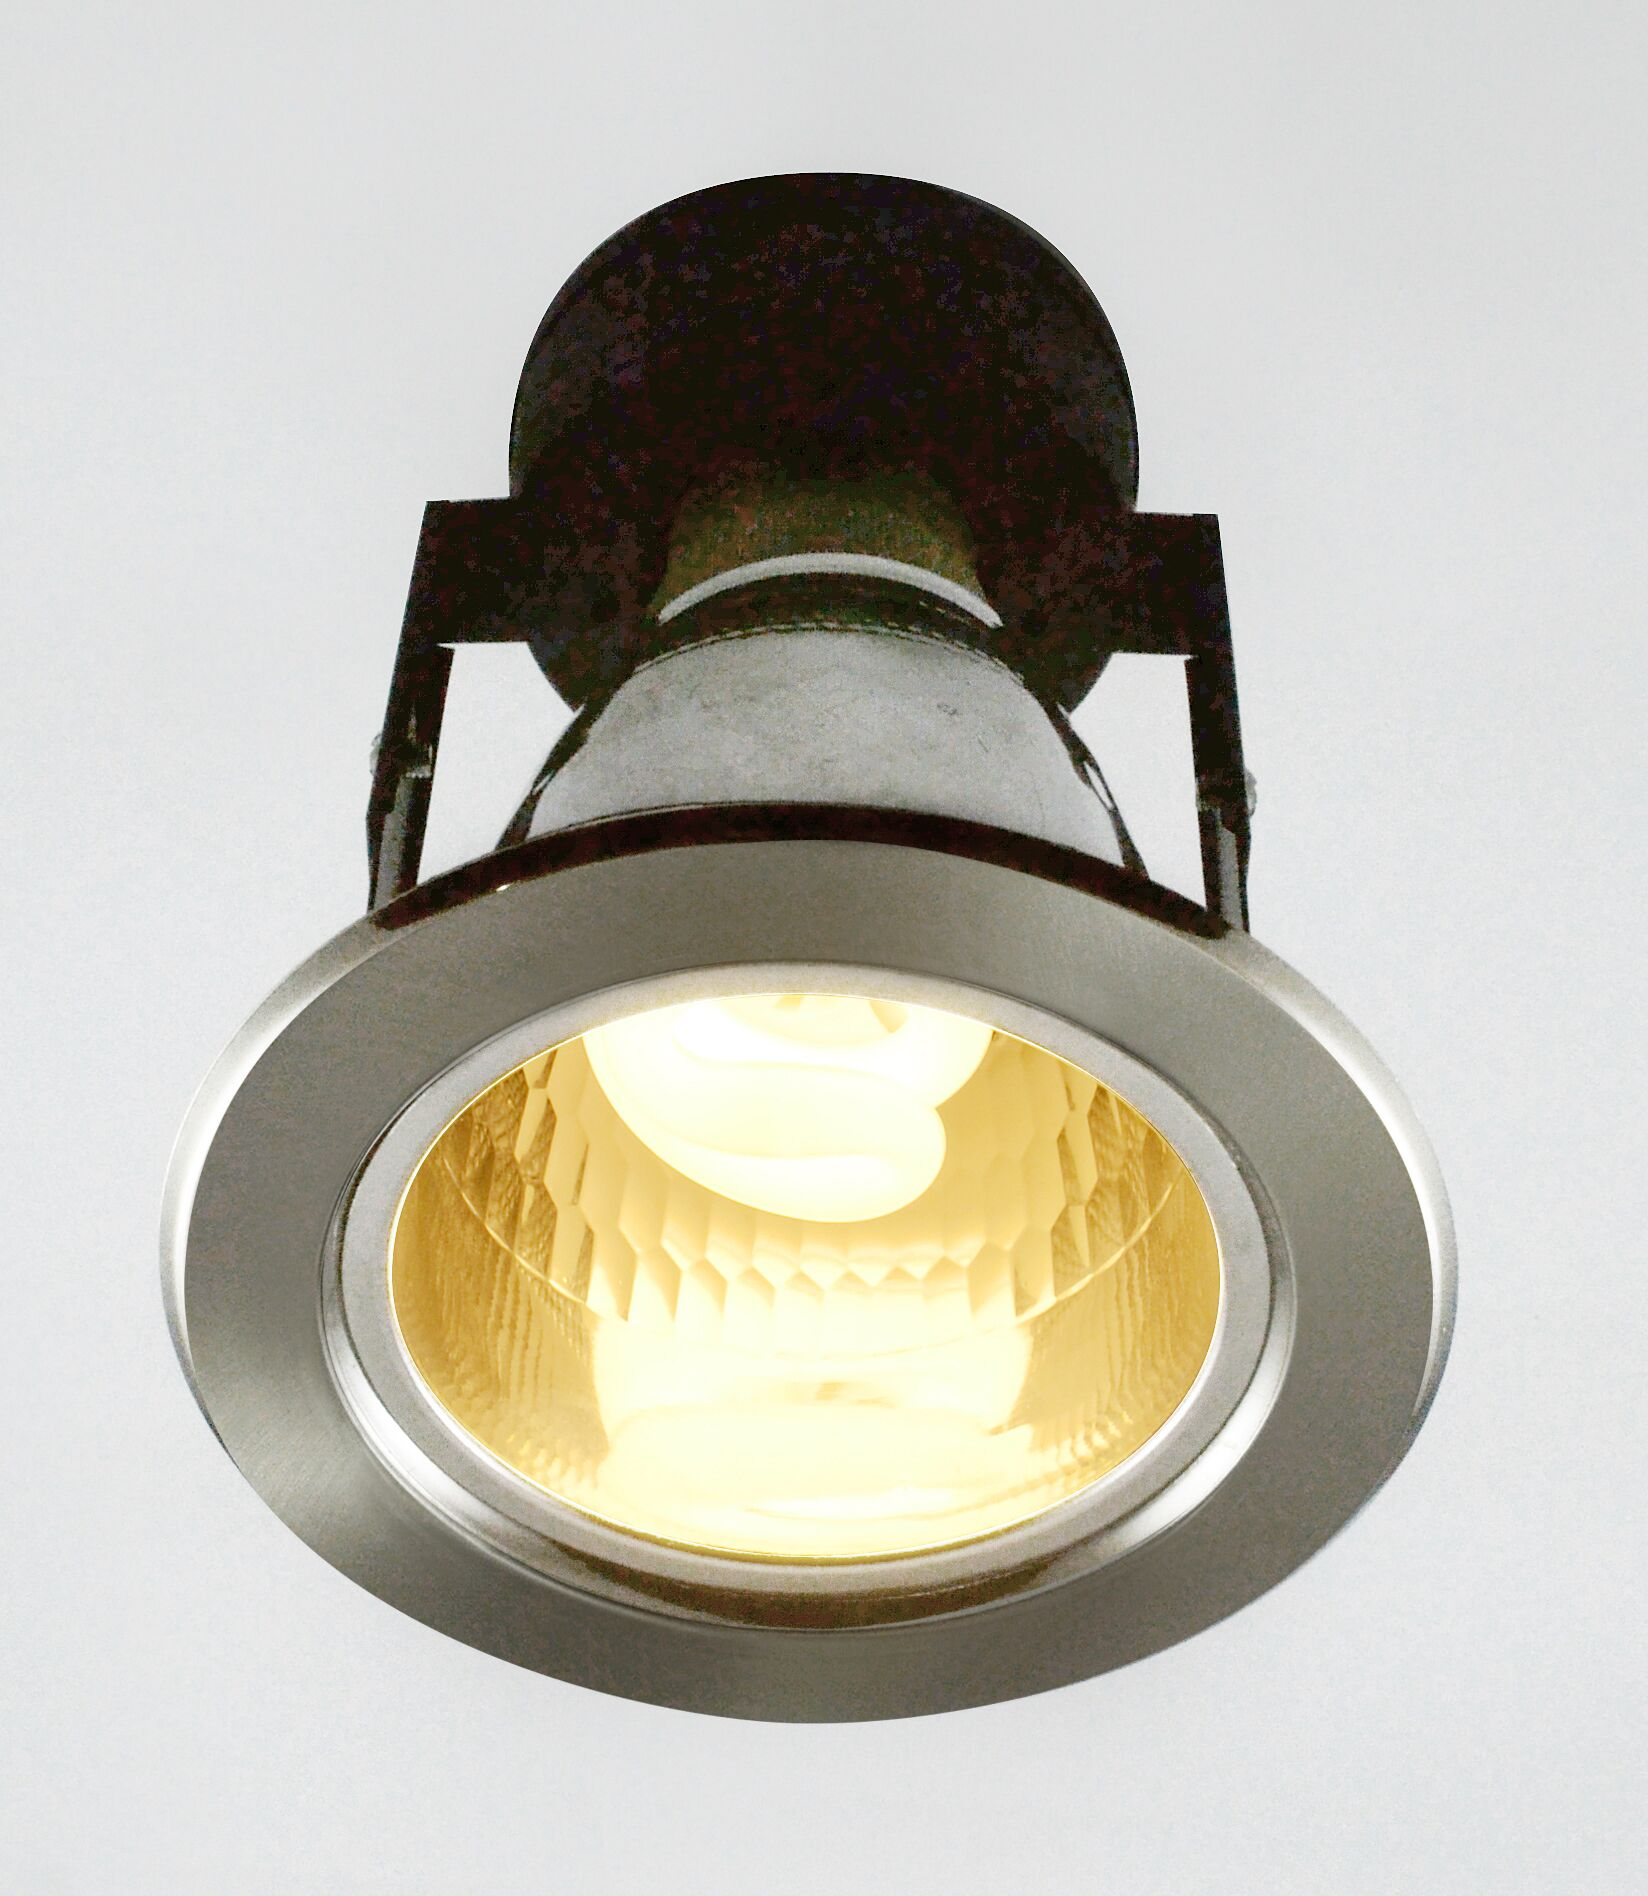 Фото товара A8044PL-1SS Arte Lamp